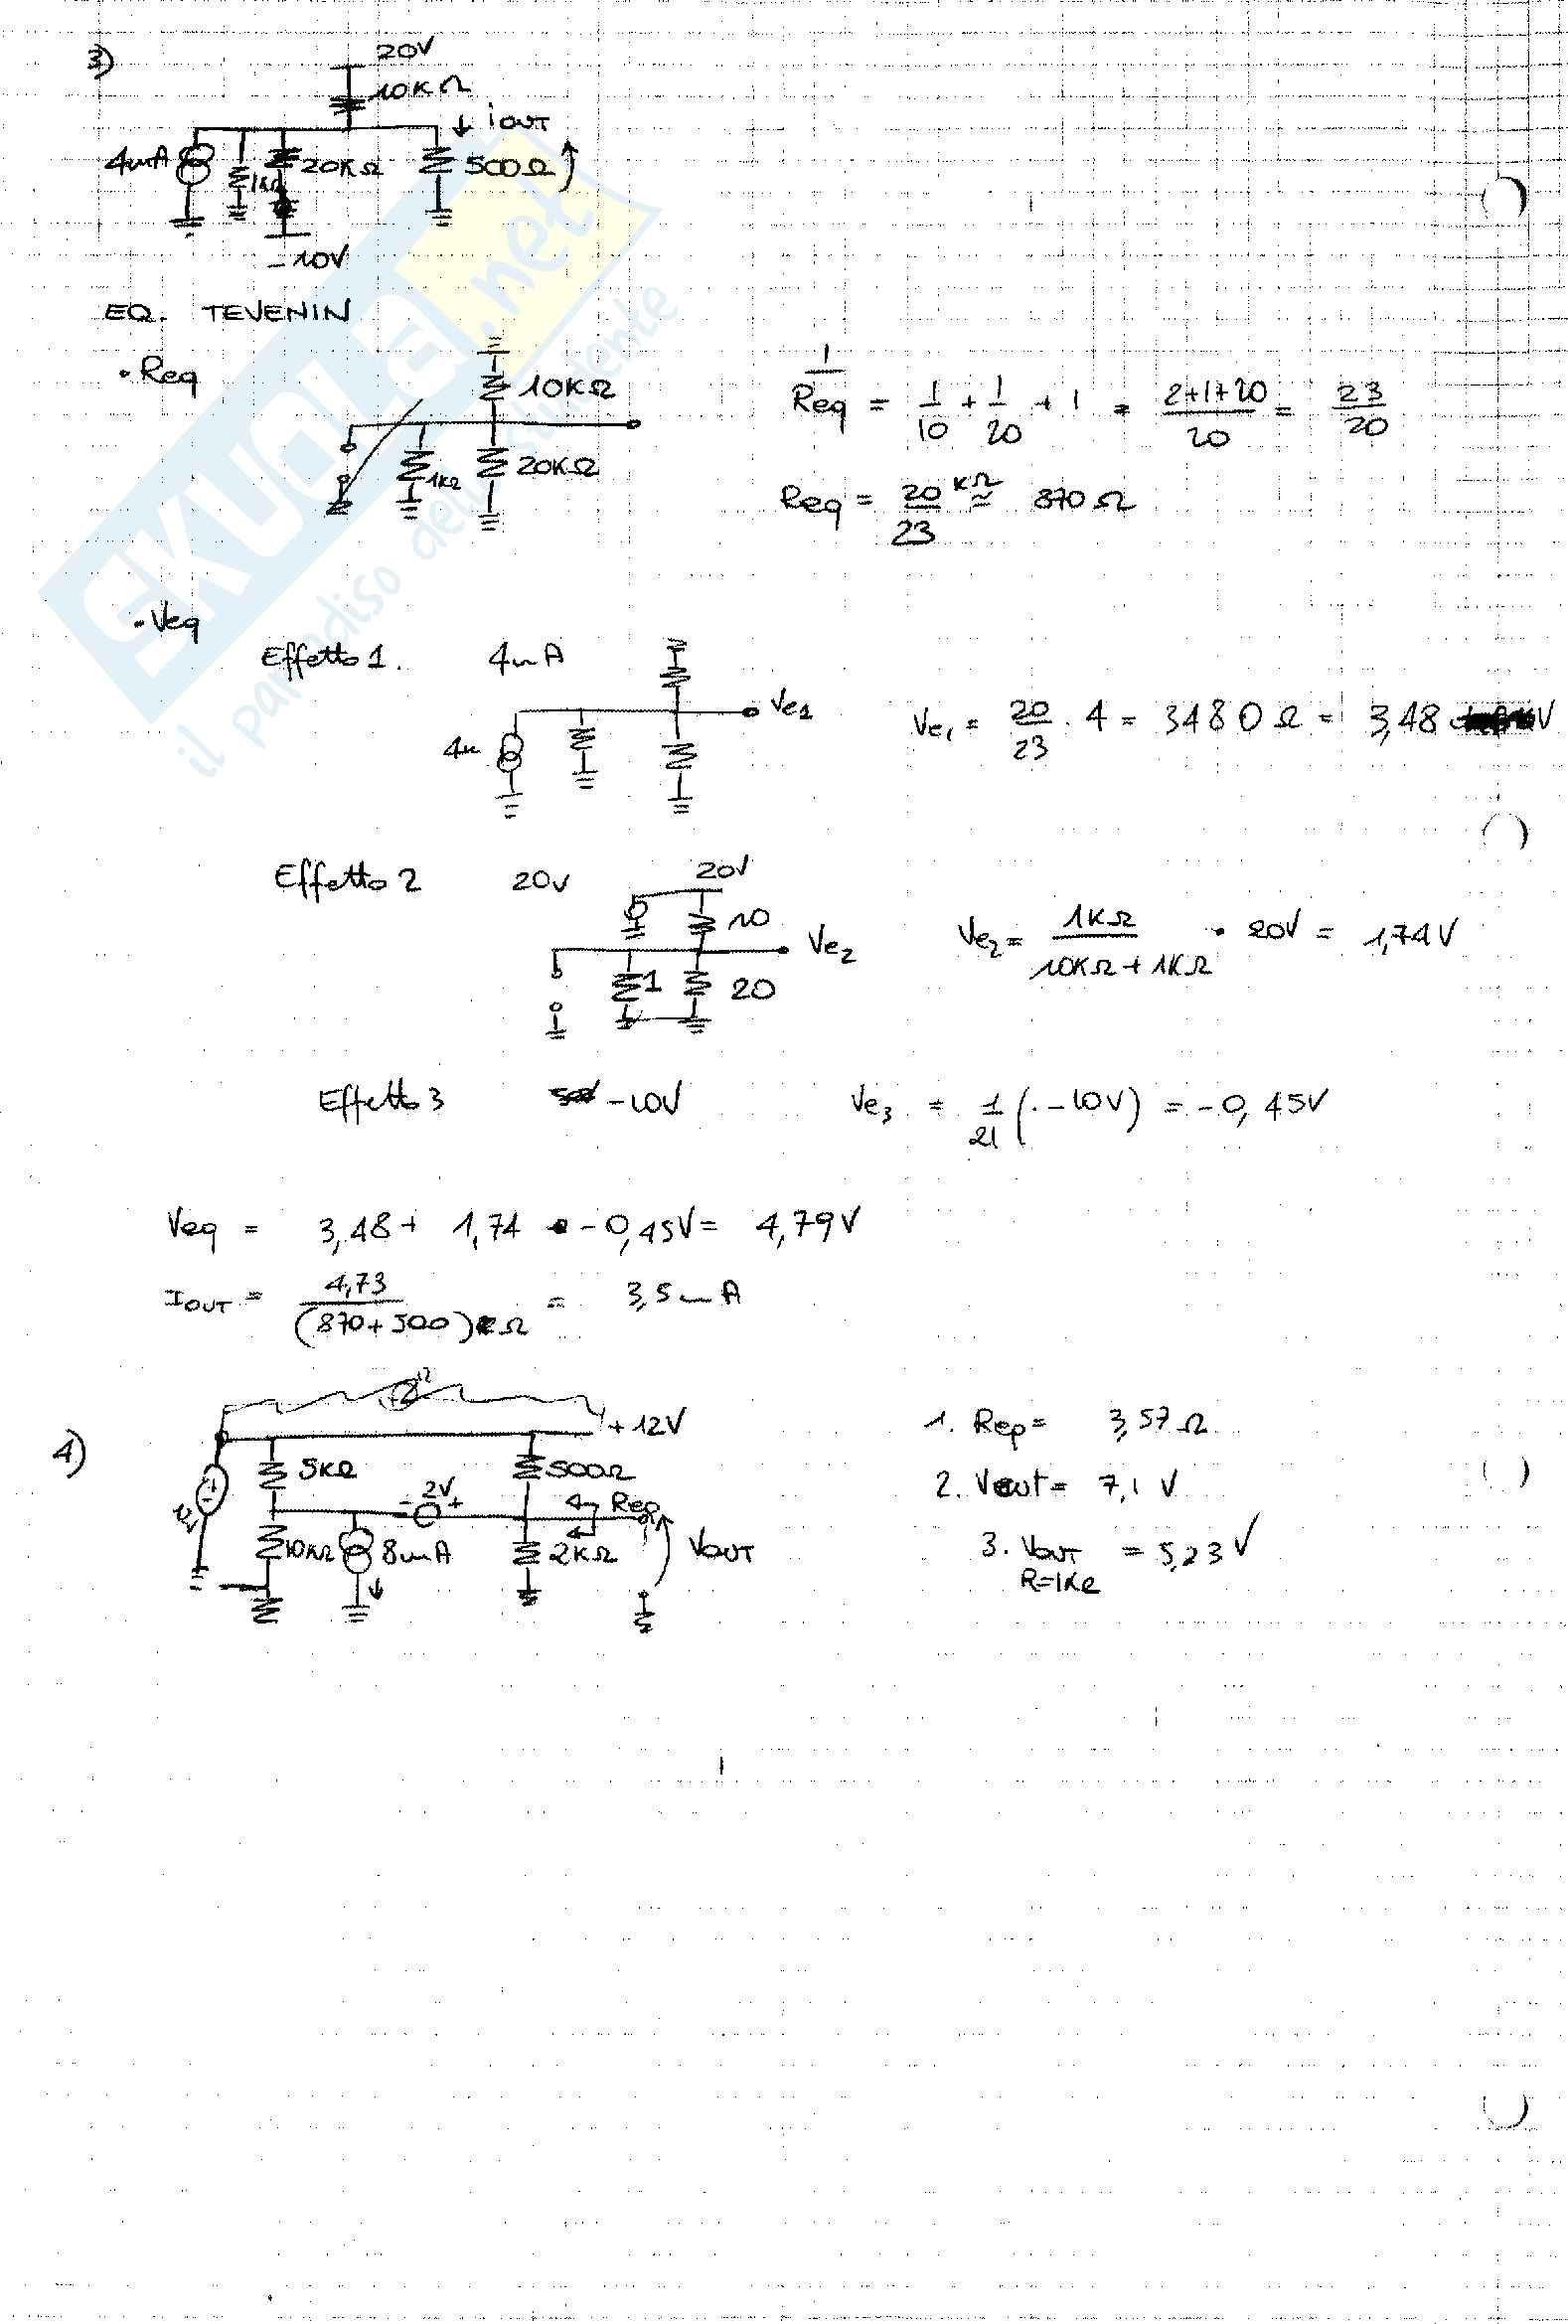 Fondamenti Di Elettronica Guazzoni Pag. 6